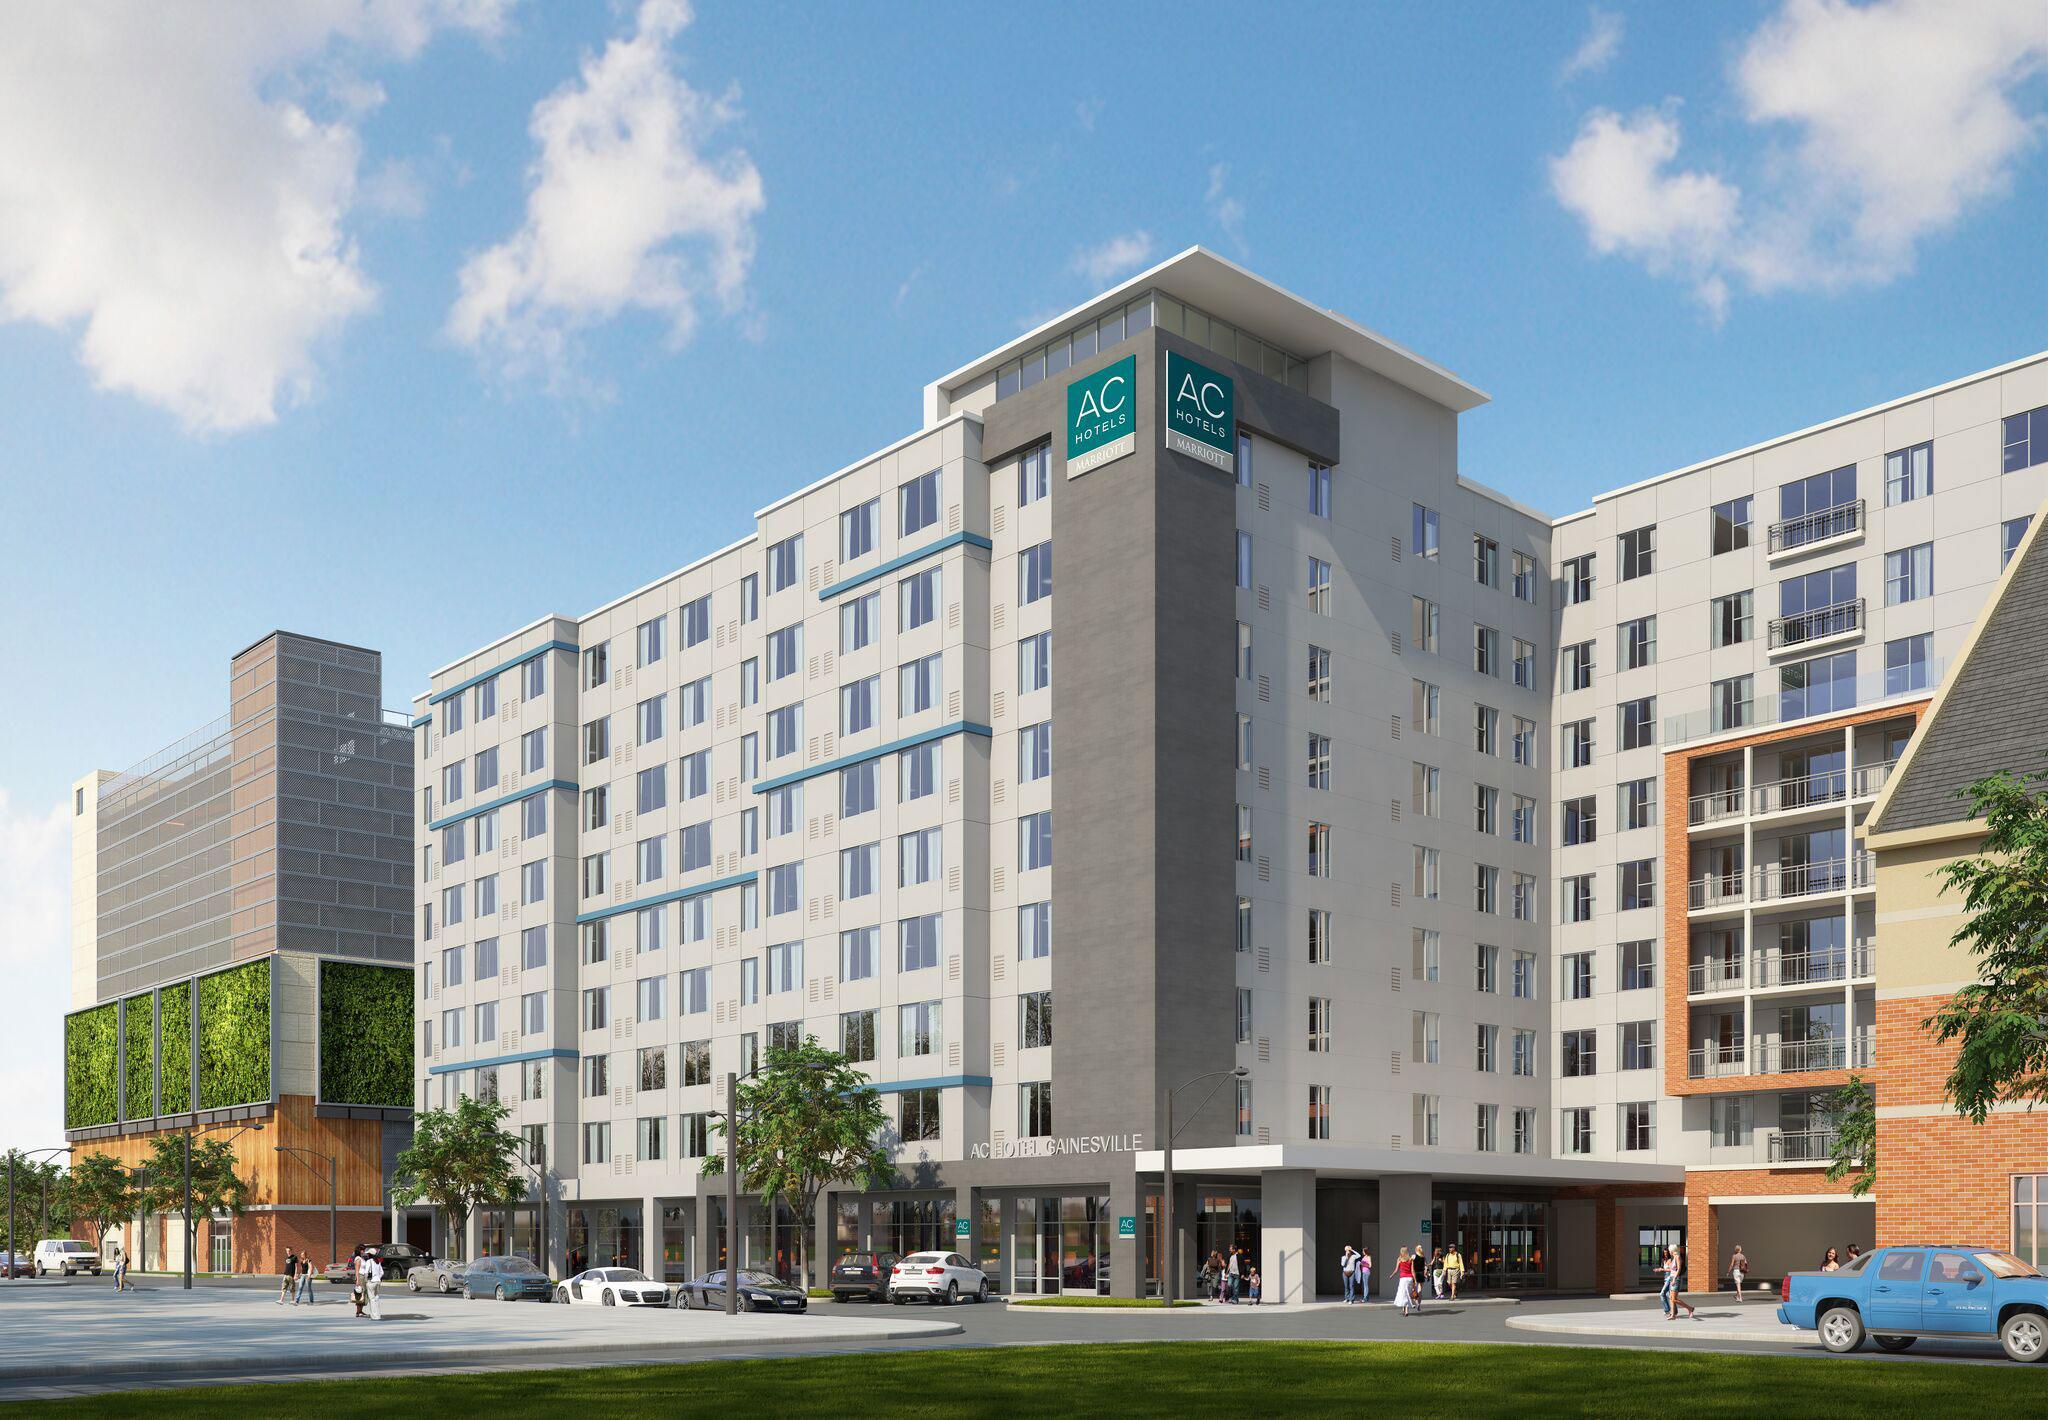 Ac Hotel Gainesville Fl